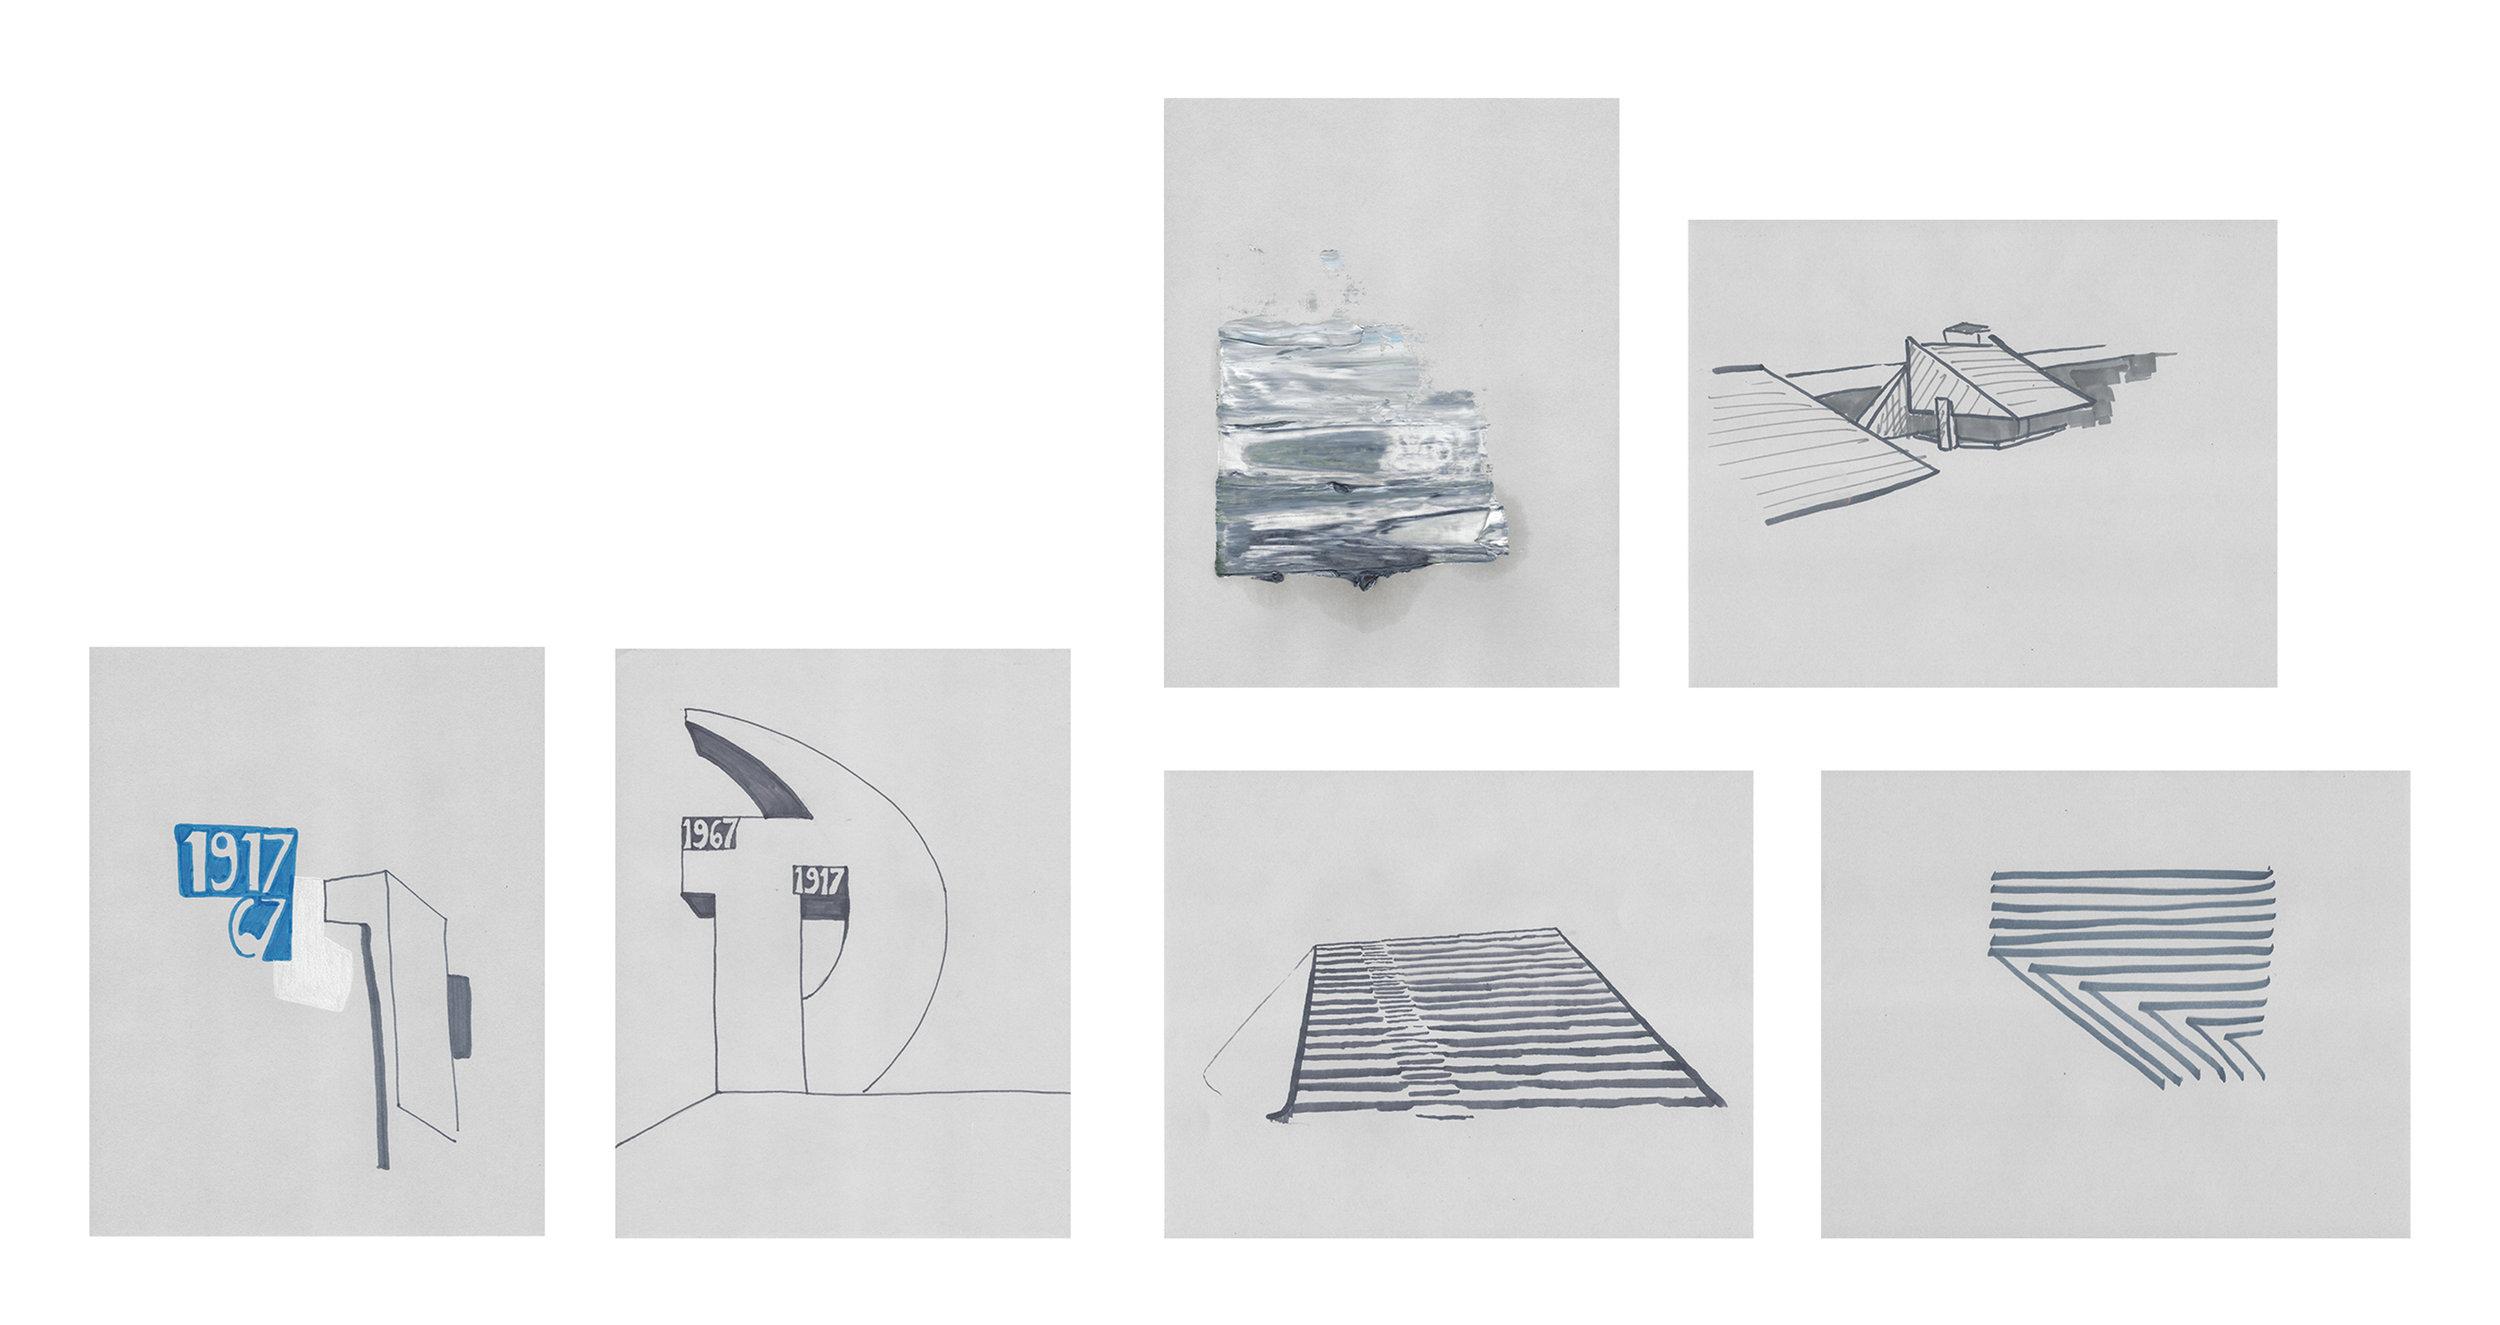 Terre des hommes  , 2017, óleo tinta y lápiz sobre papel, 28 x 22 cm.